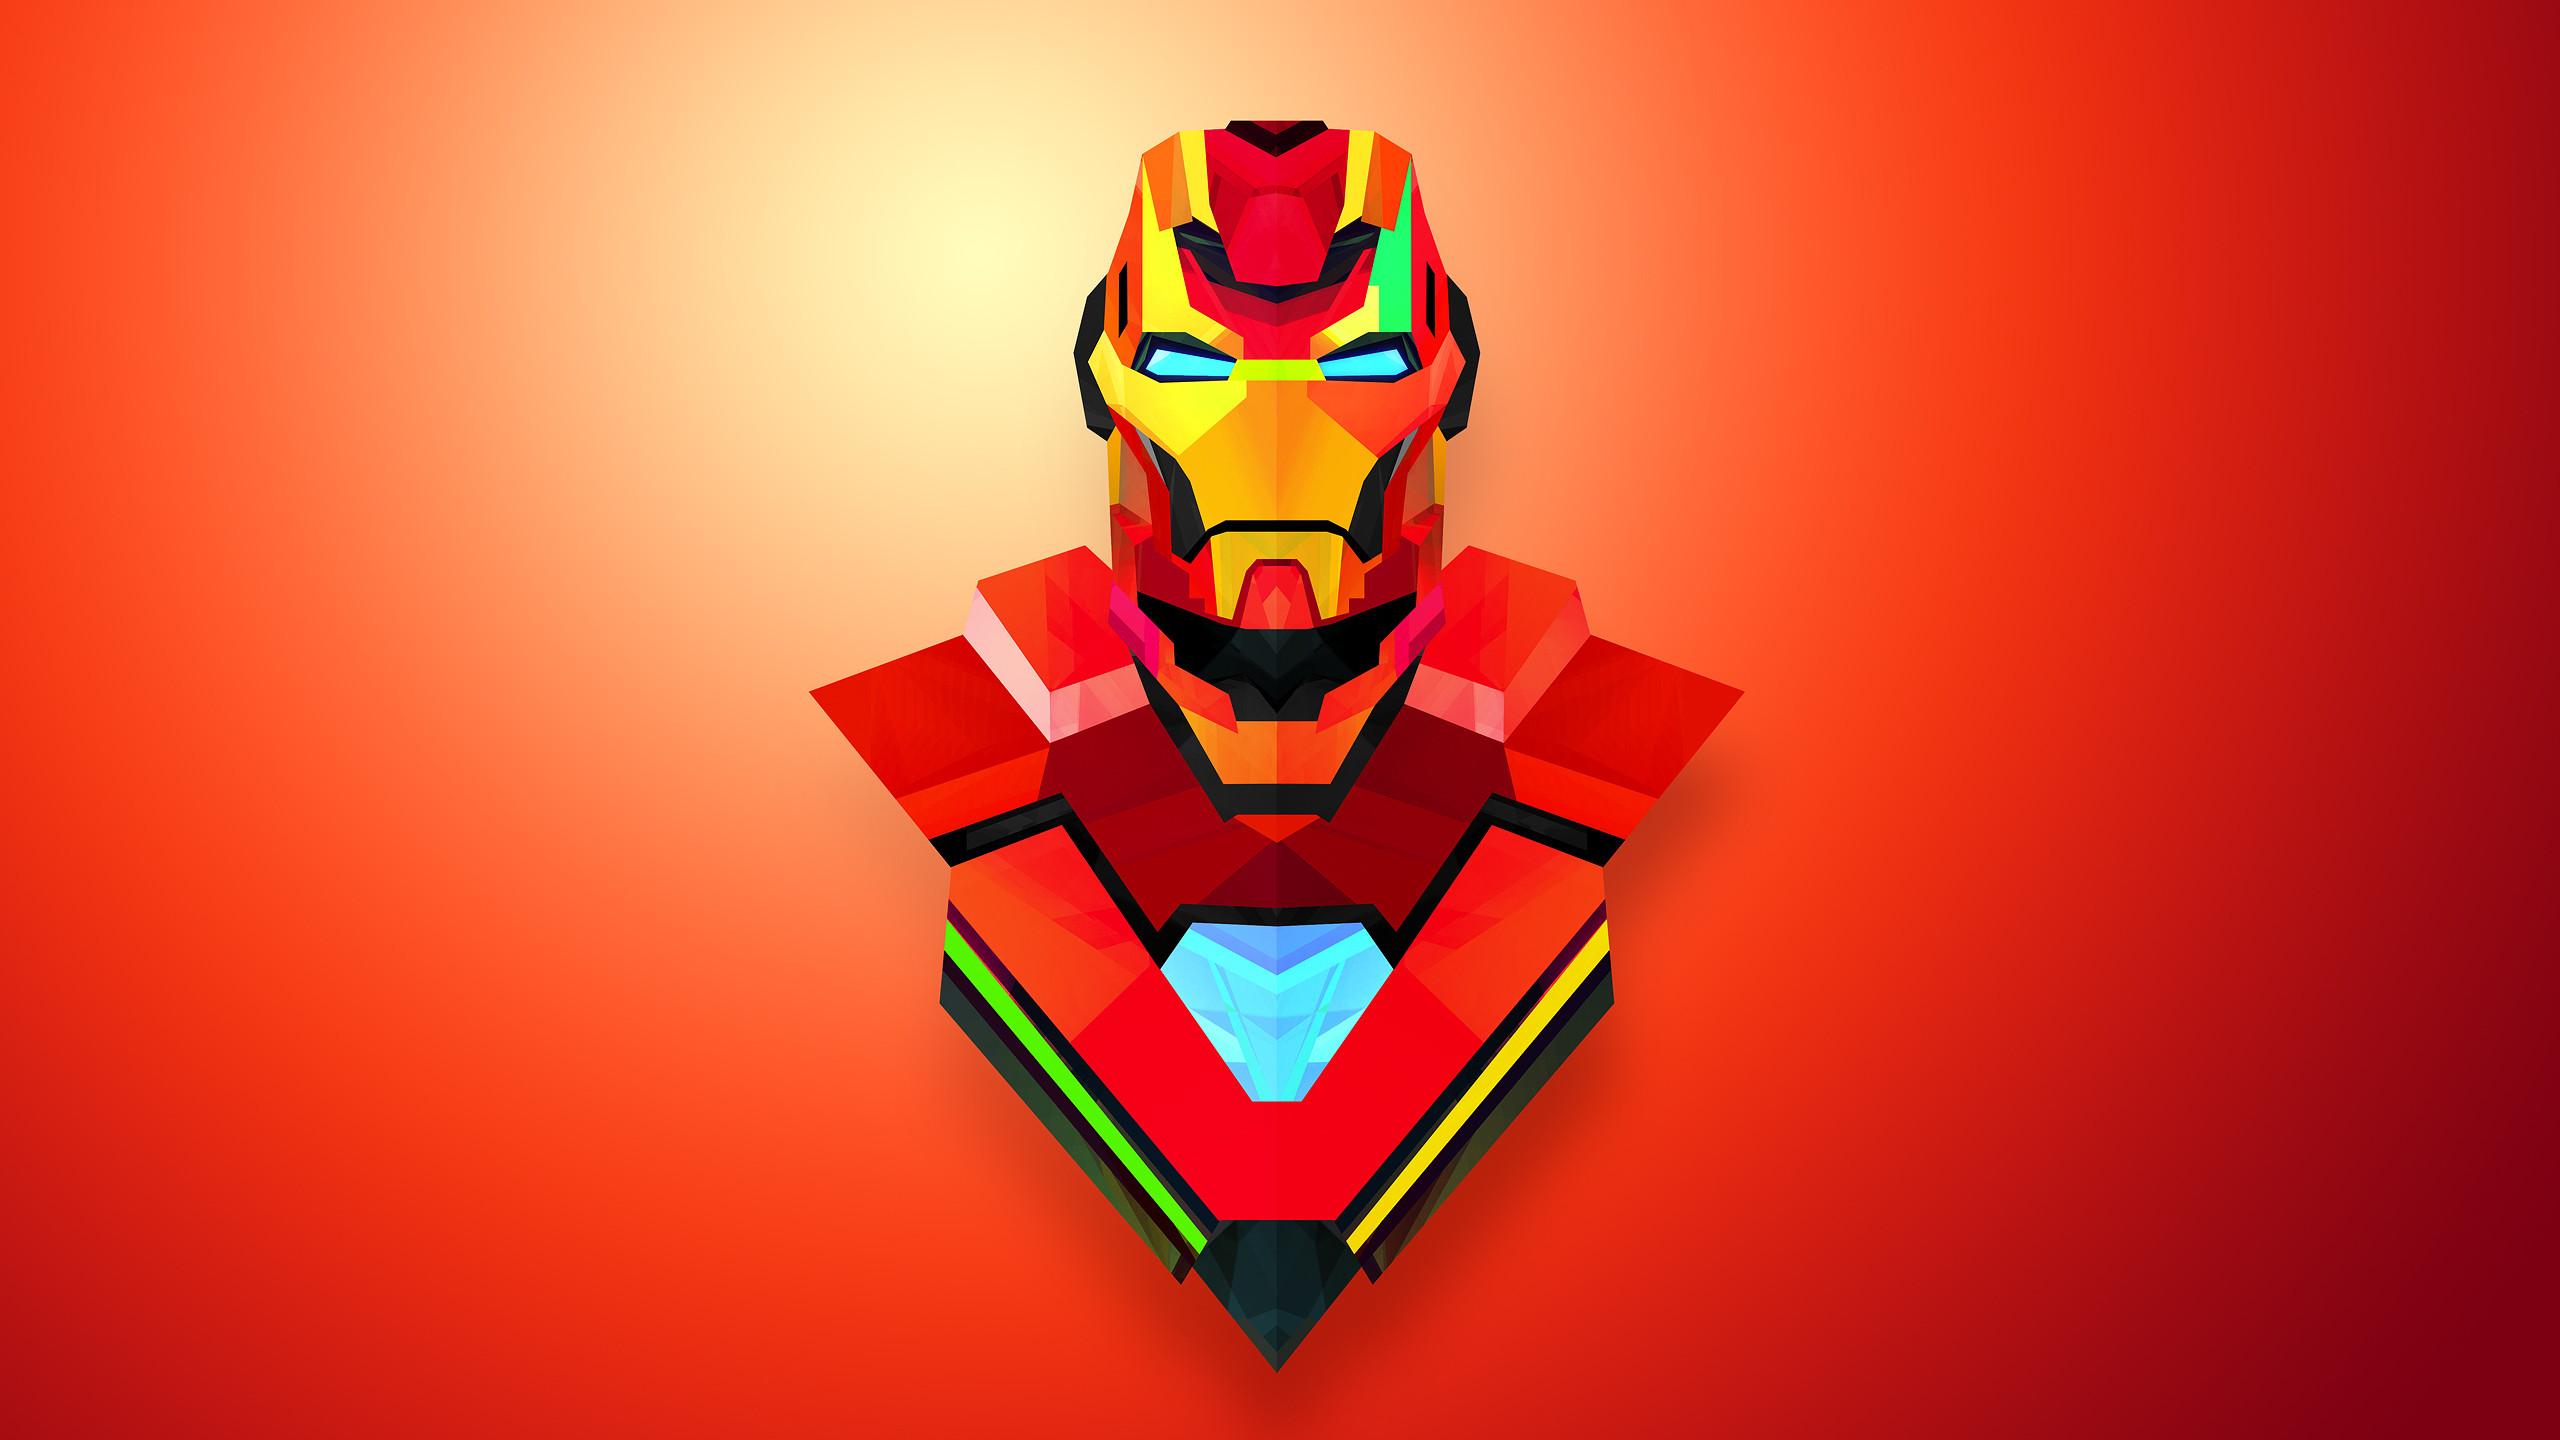 Res: 2560x1440, Iron Man Cartoon Images.